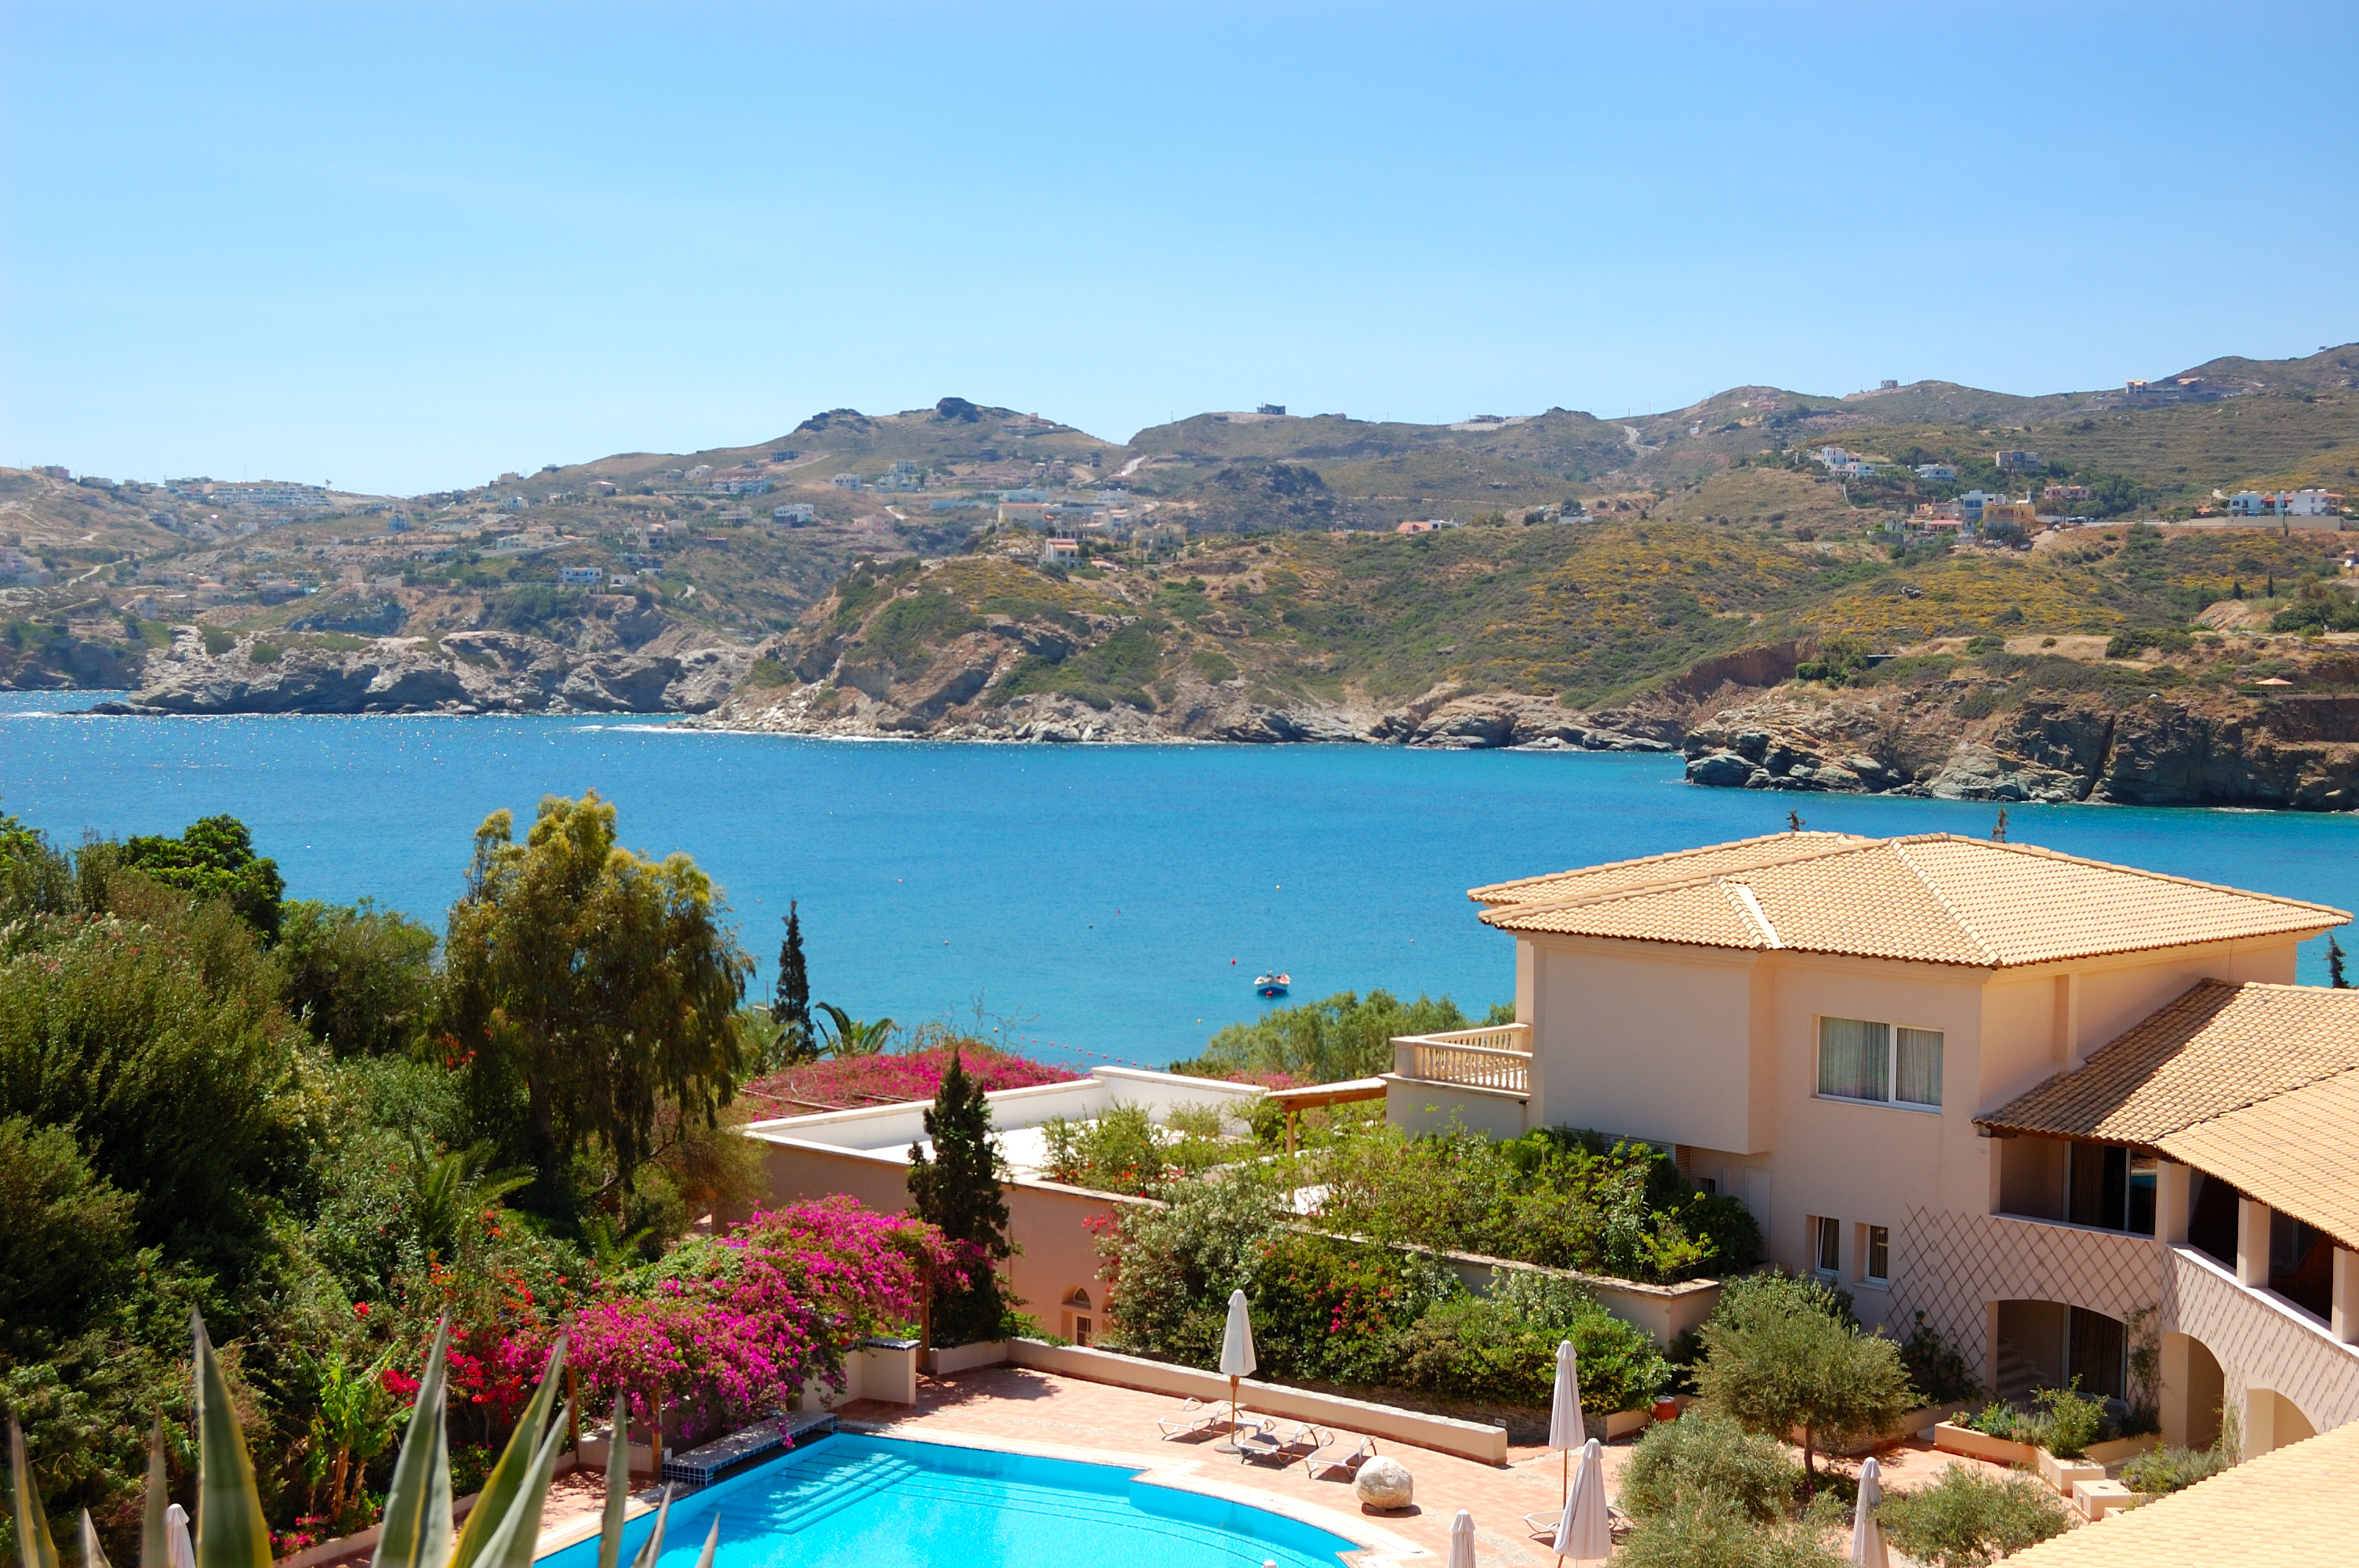 Propriété de luxe litoral espagnol | Acheter Malin Espagne